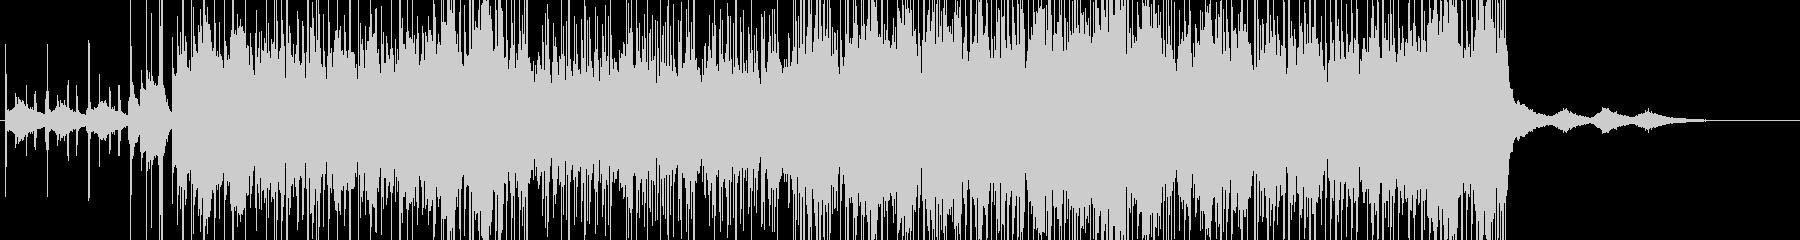 ドラム激しめのホラー系BGM の未再生の波形